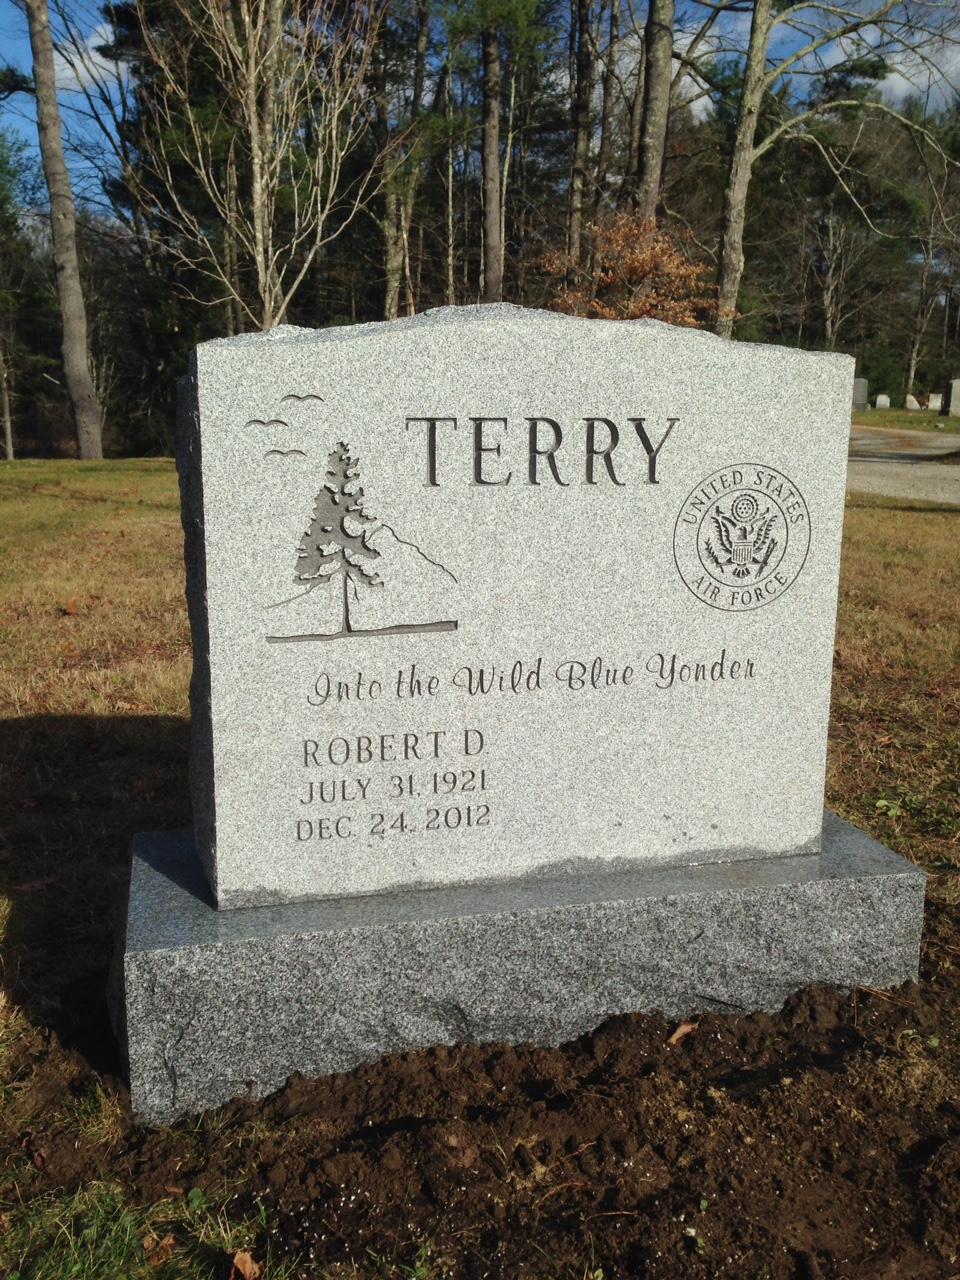 TERRY close.JPG